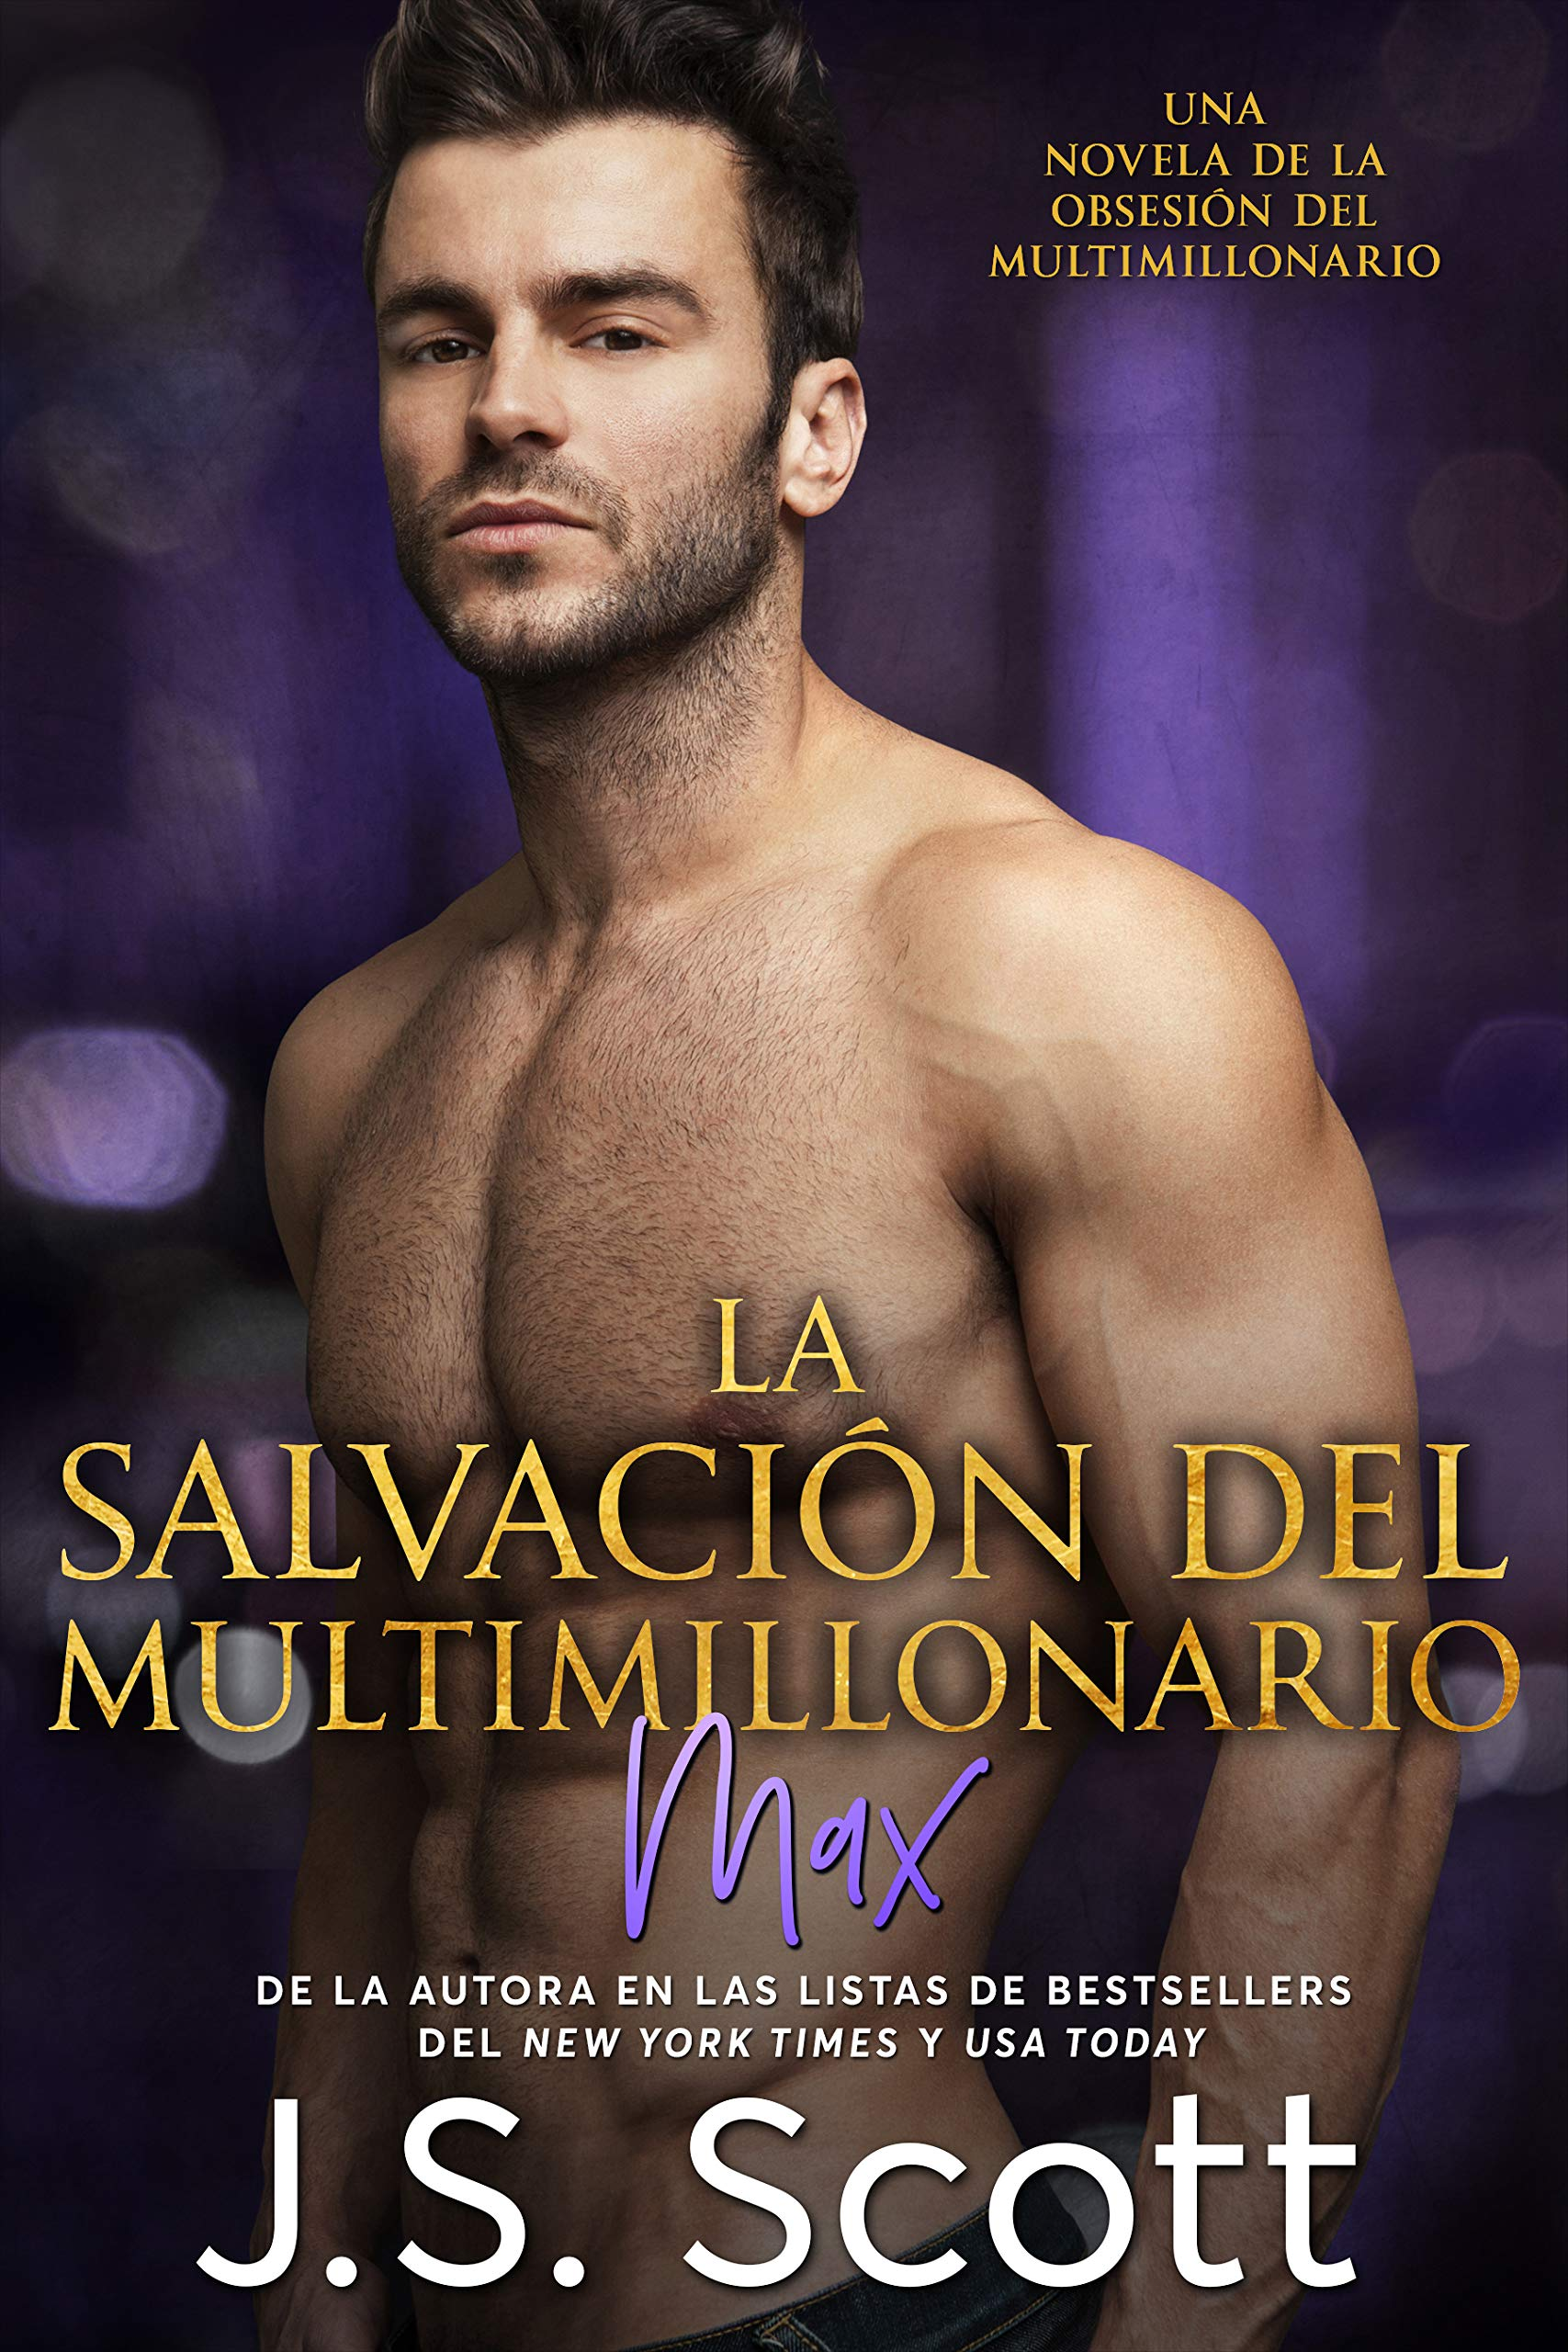 La Salvación del Multimillonario: La Obsesión del Multimillonario~Max